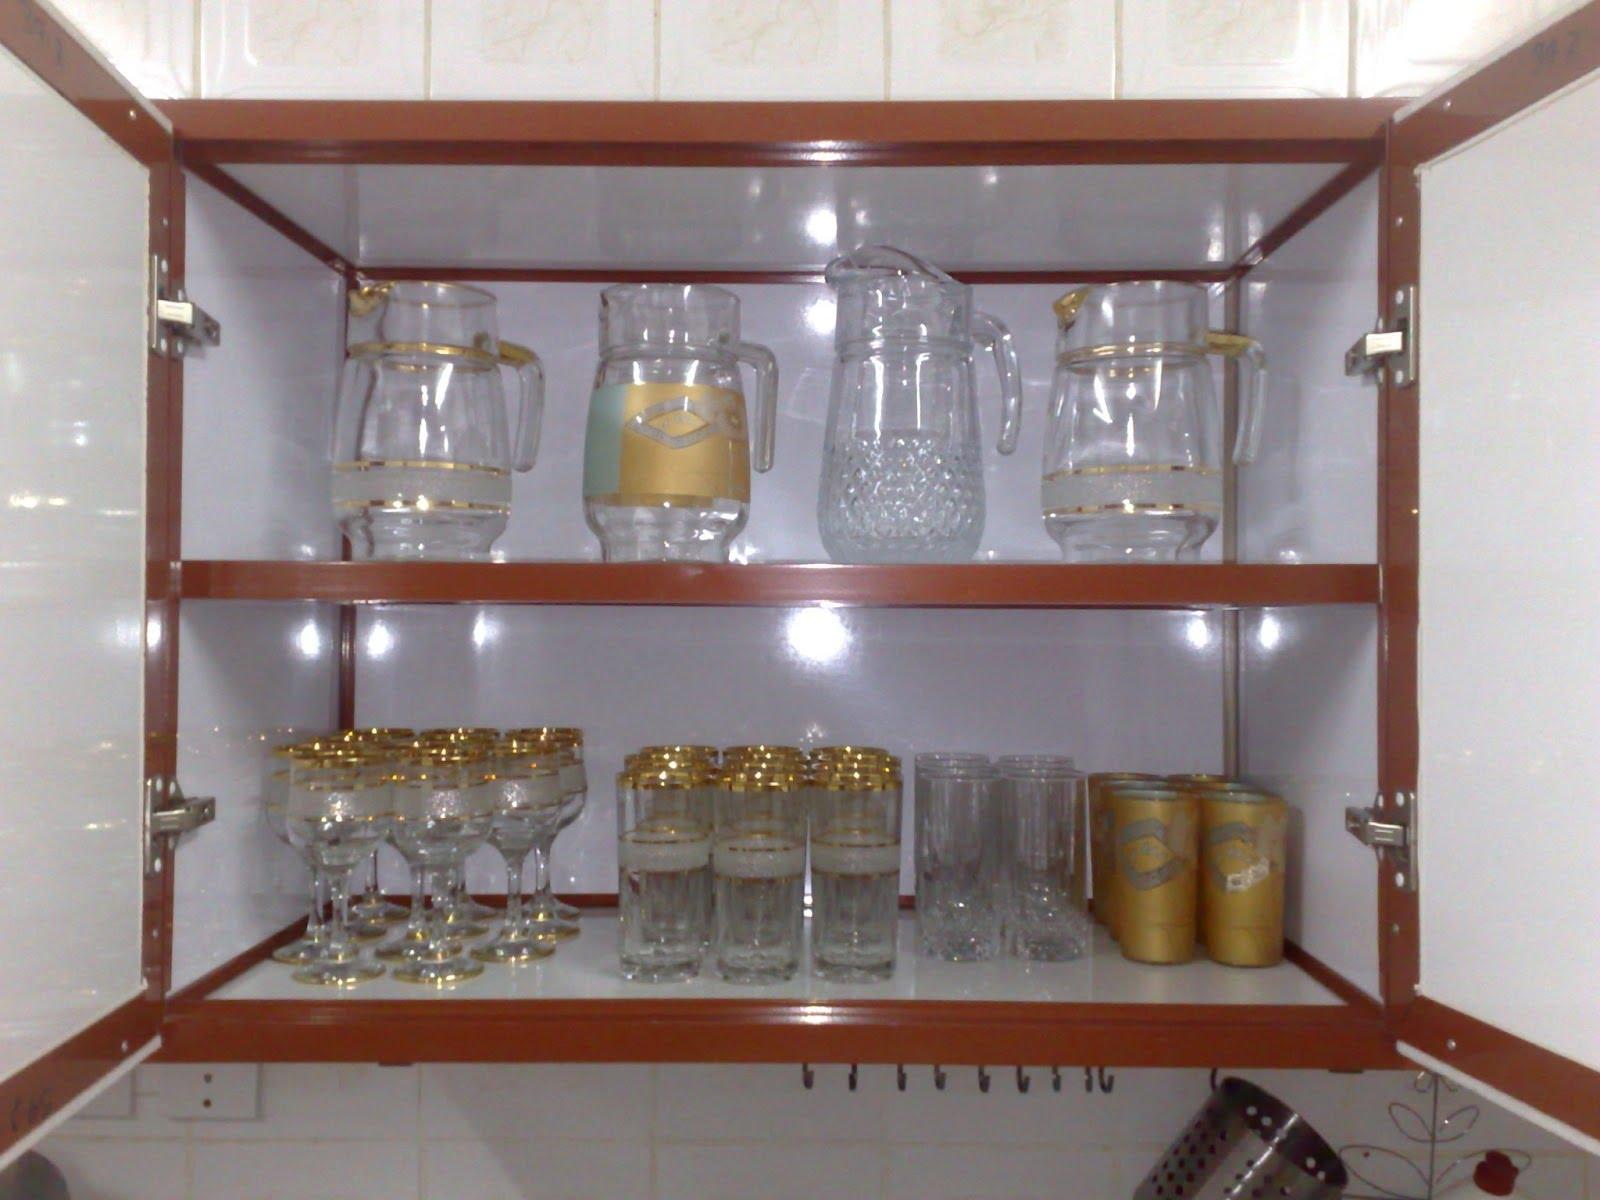 بالصور ترتيب المطبخ بالصور , خلى مطبخك ينور من النظافة 1418 4